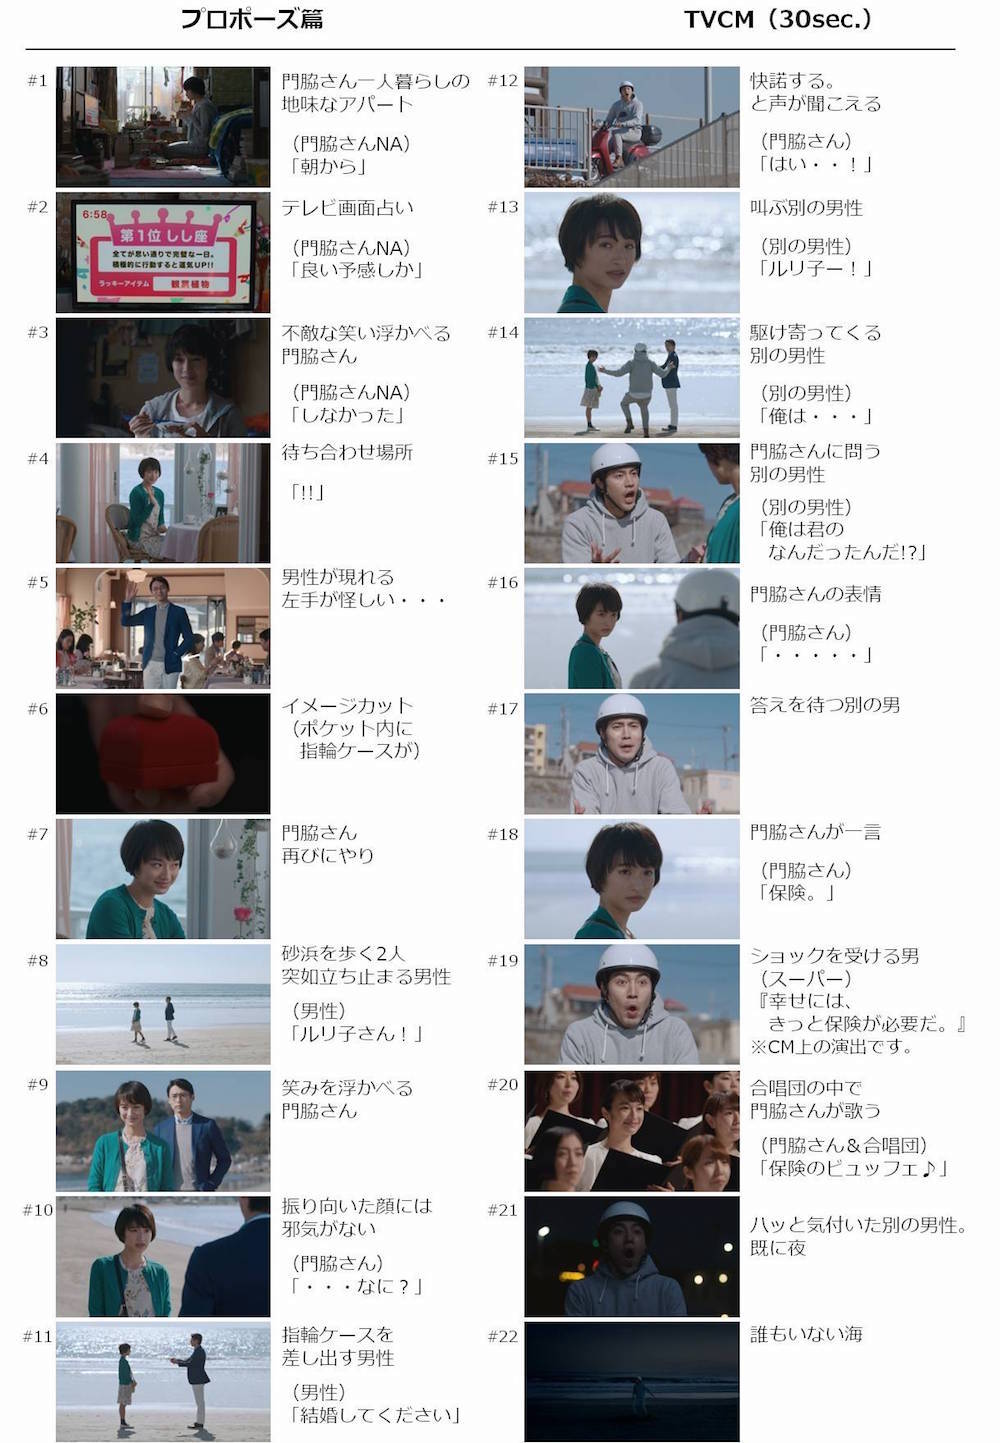 門脇麦・保険のビュッフェ CM STORY